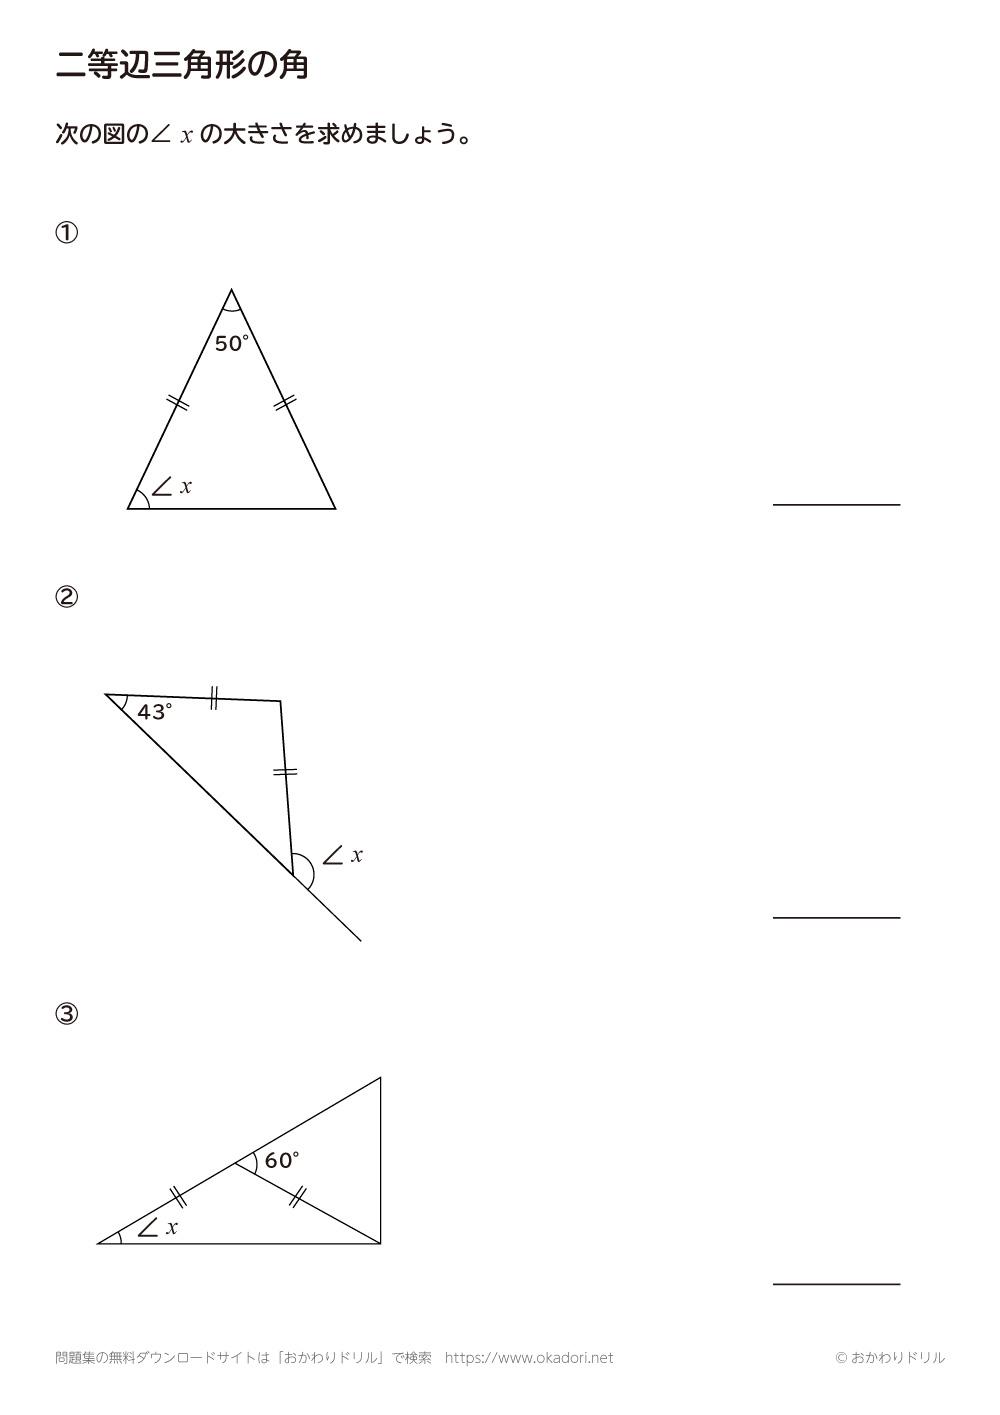 二等辺三角形の角を求める問題と答え1